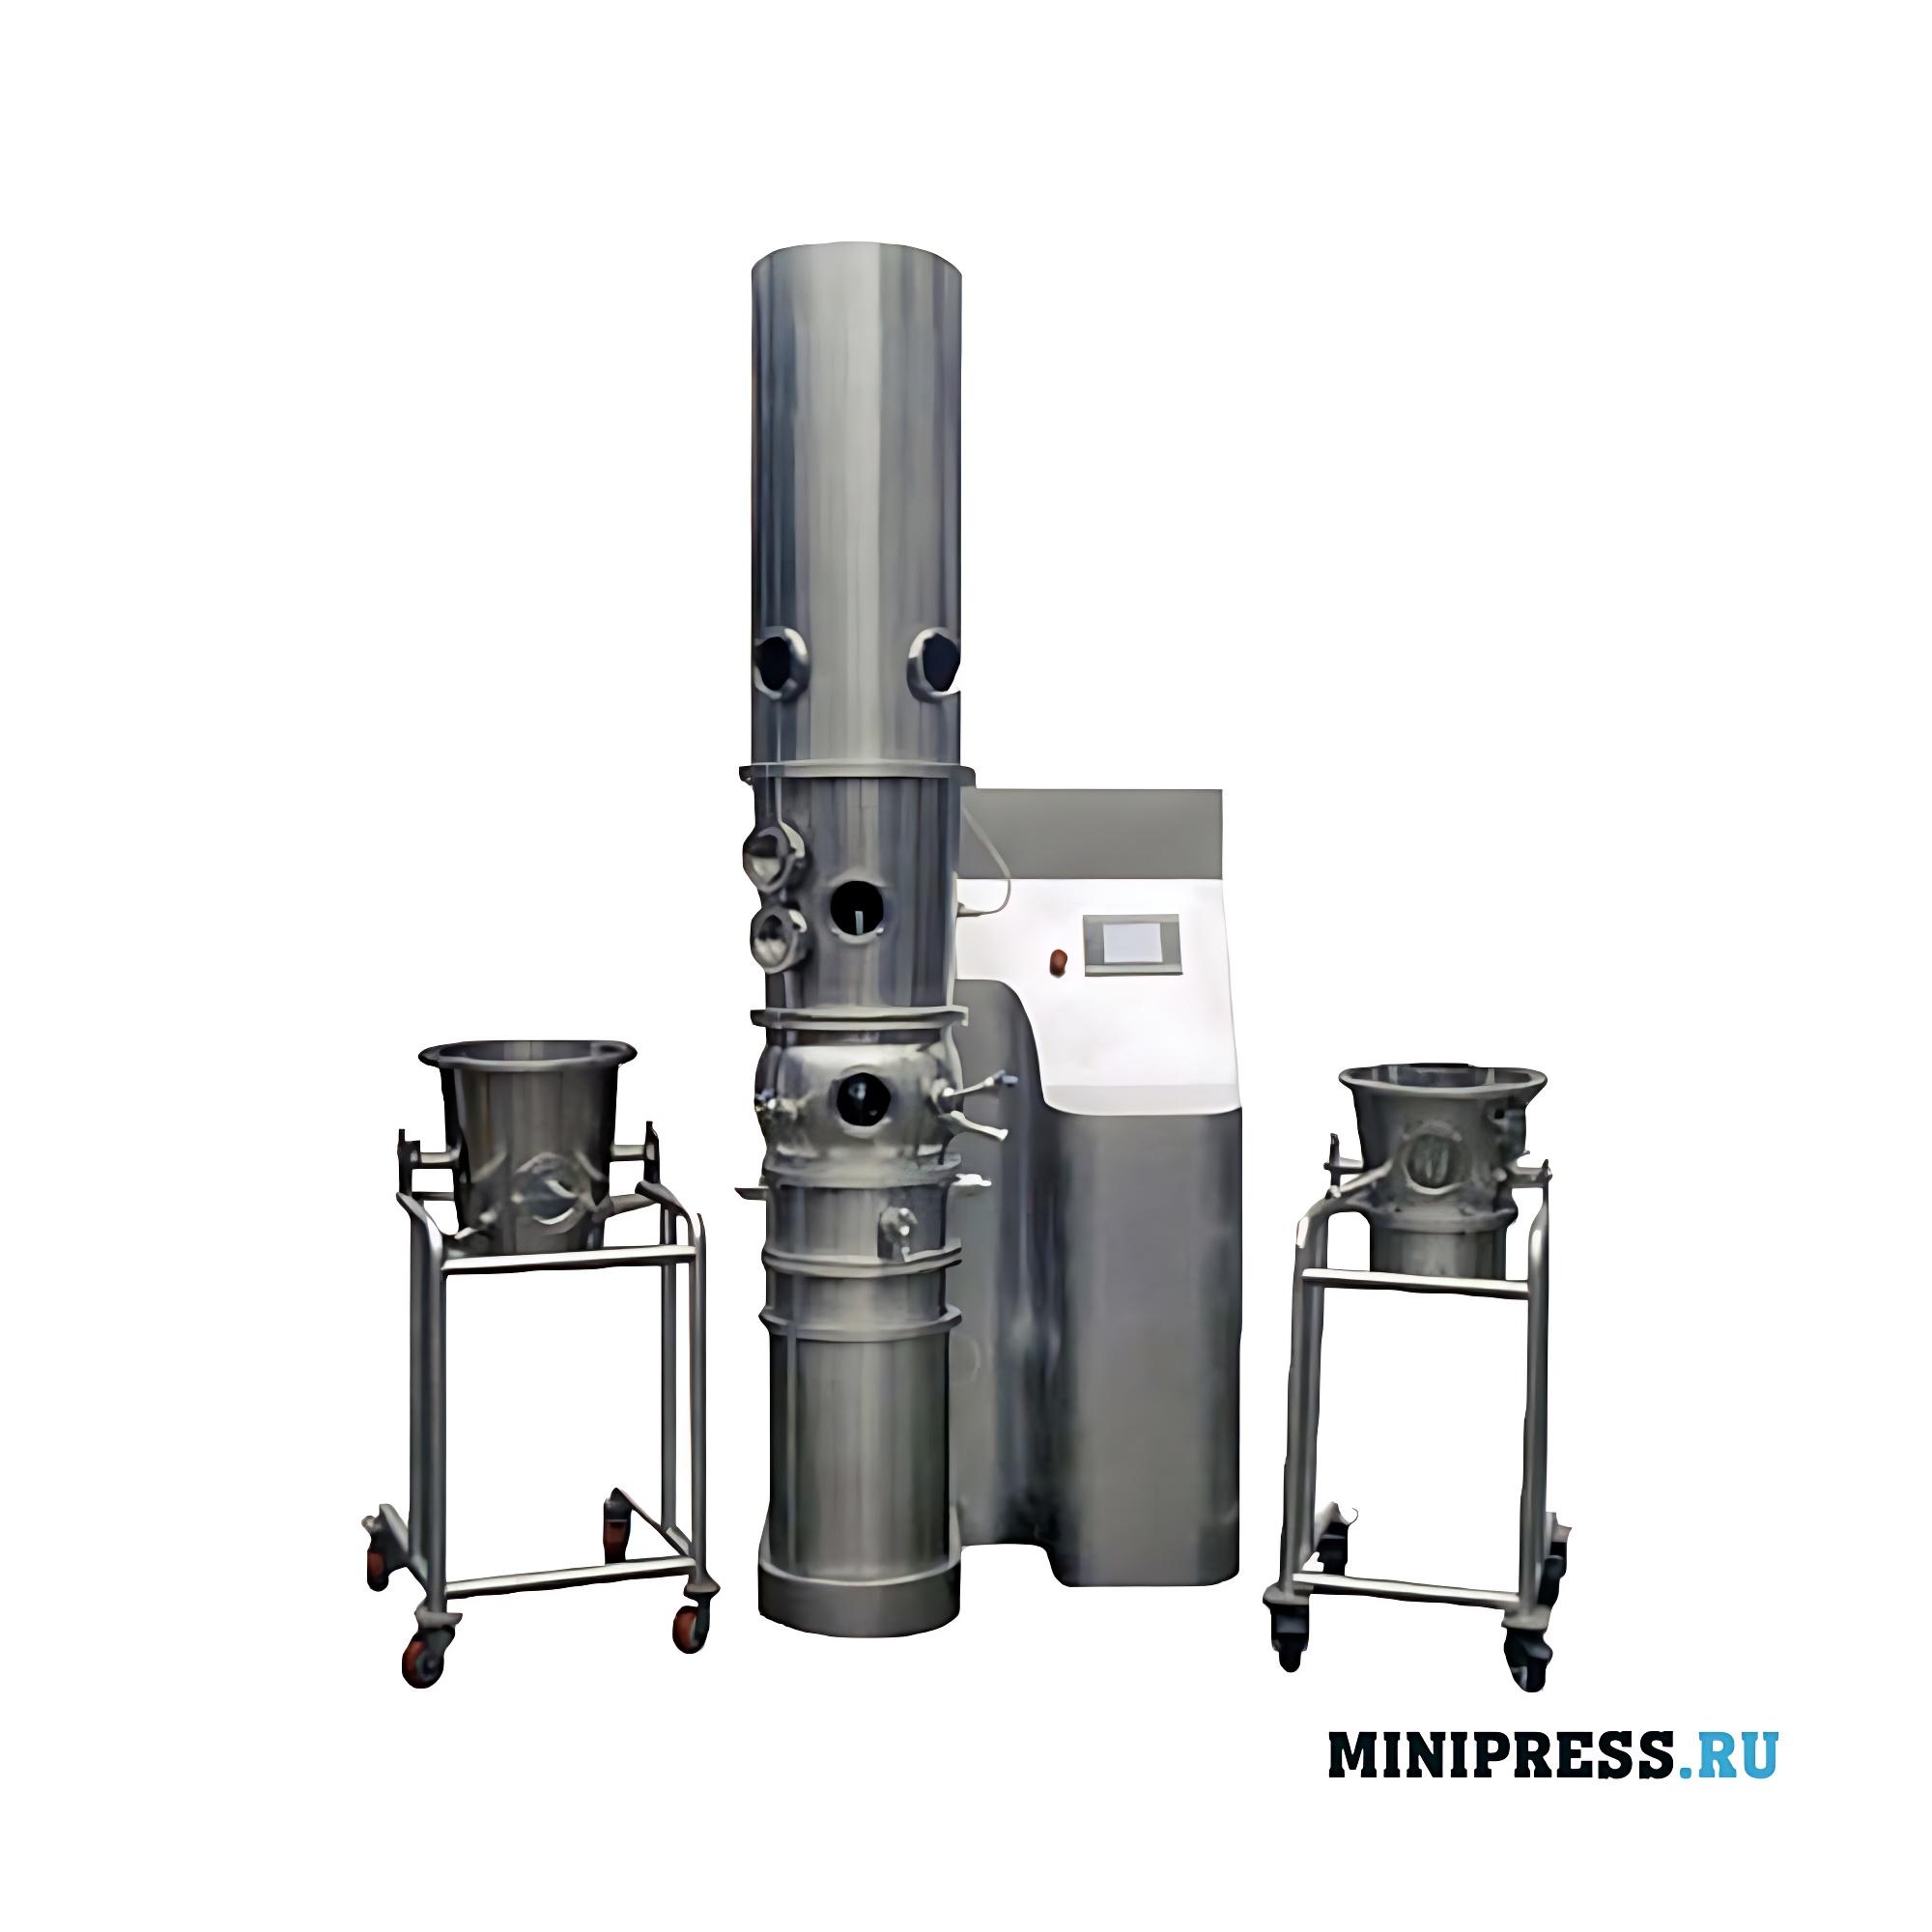 Лабораторное оборудование для нанесения покрытия на гранулы